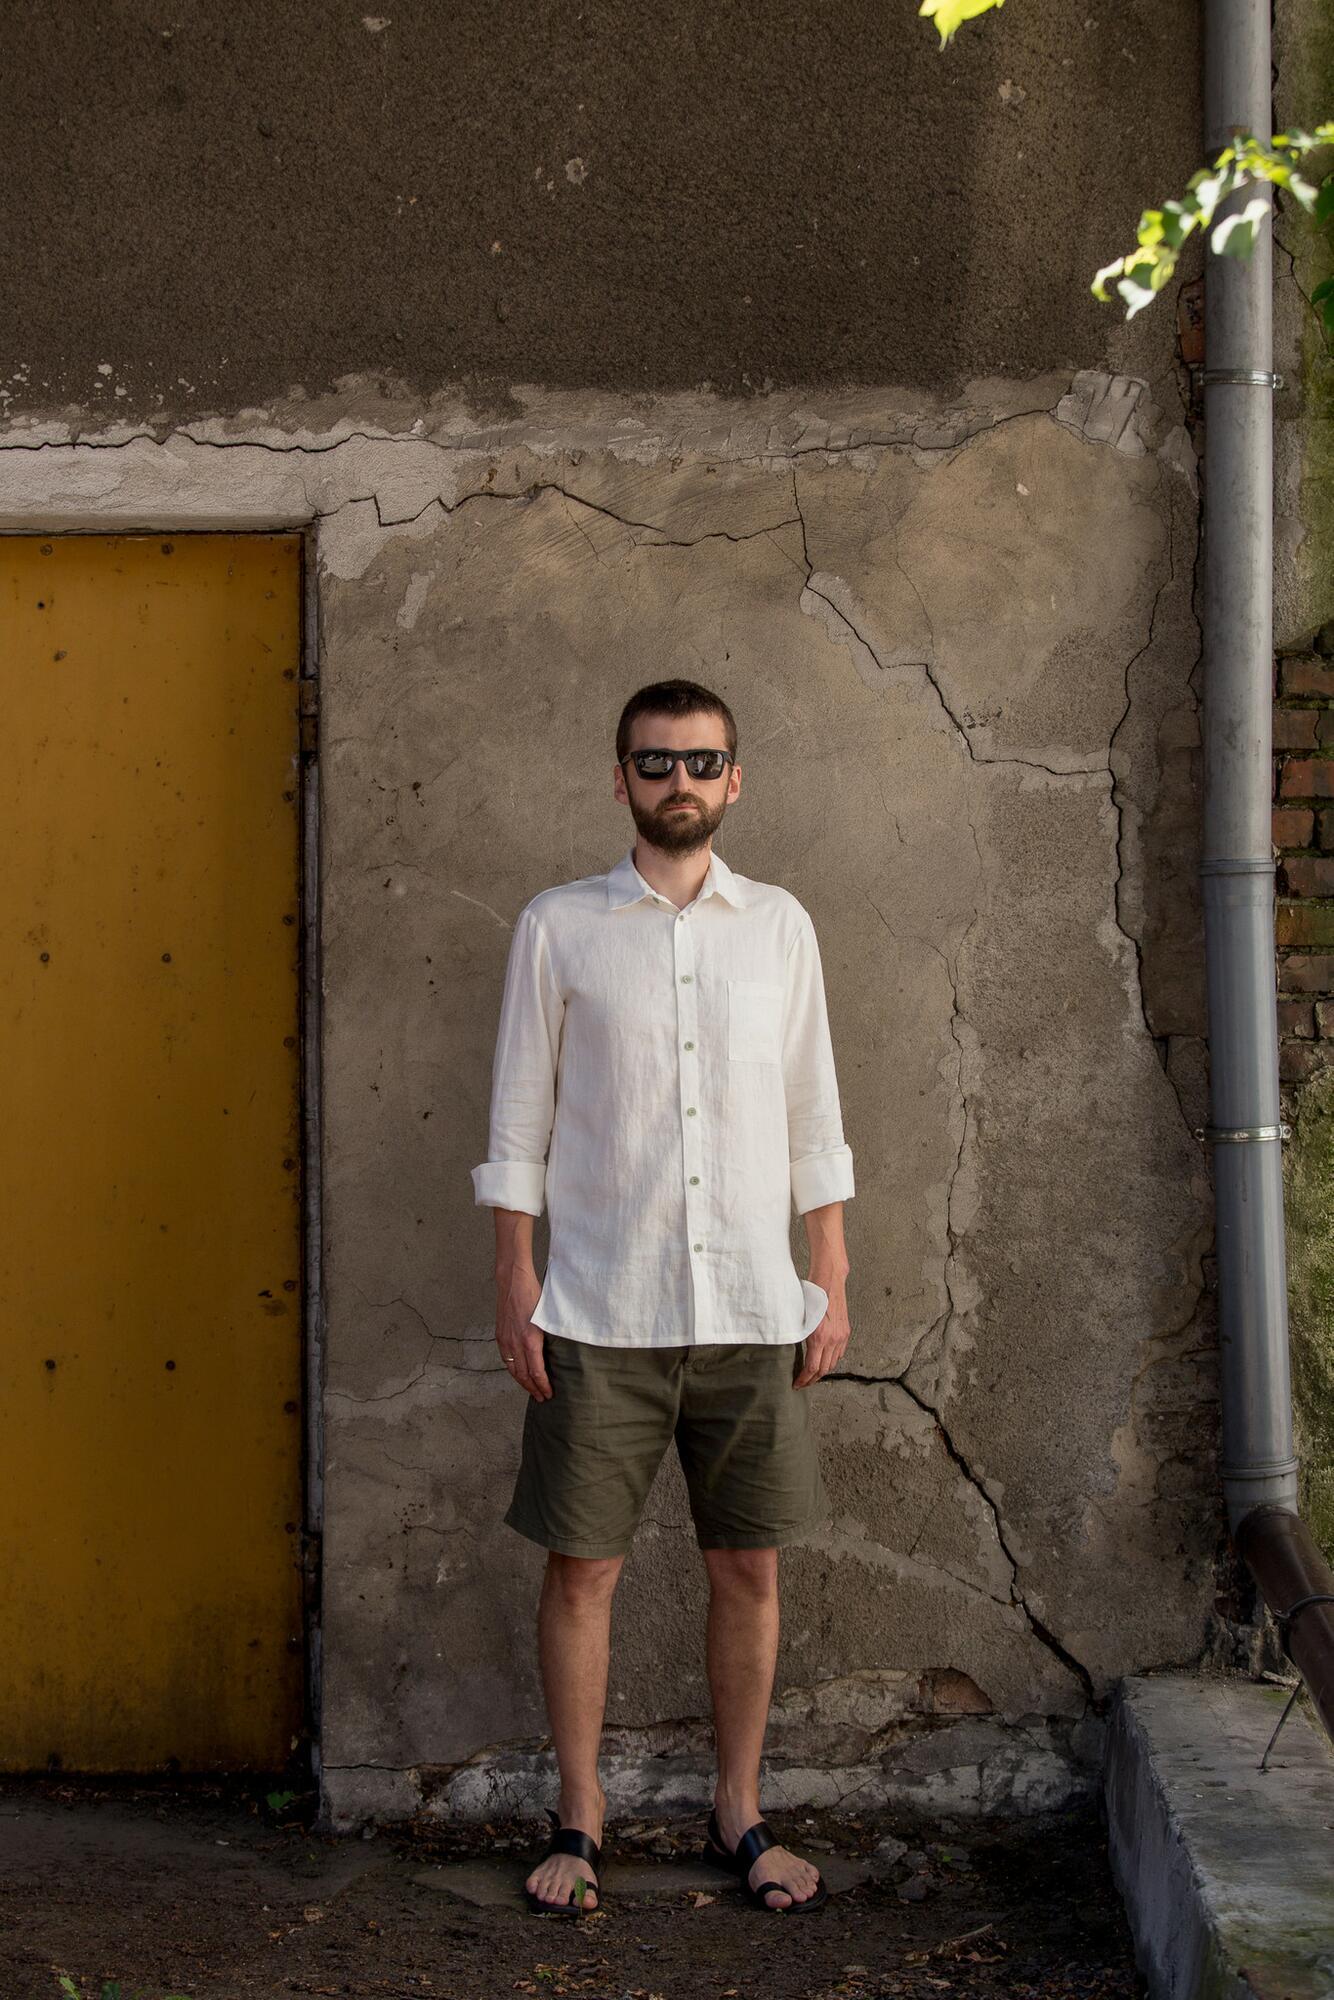 Koszula lniana biała męska - Bäckerei Bytom | JestemSlow.pl